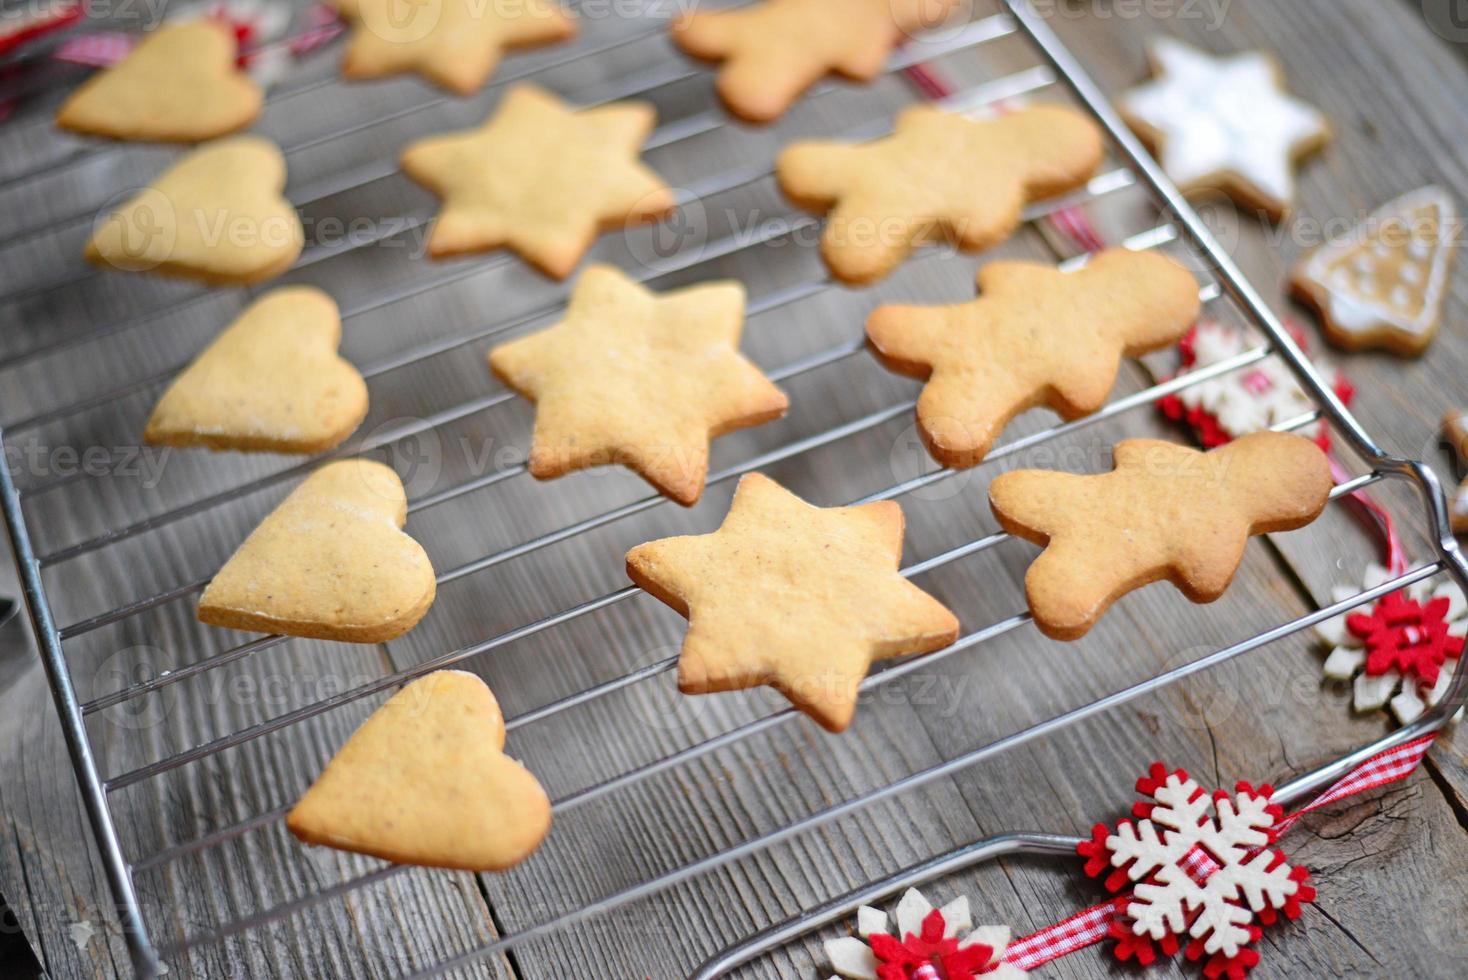 Primer plano de galletas de Navidad foto